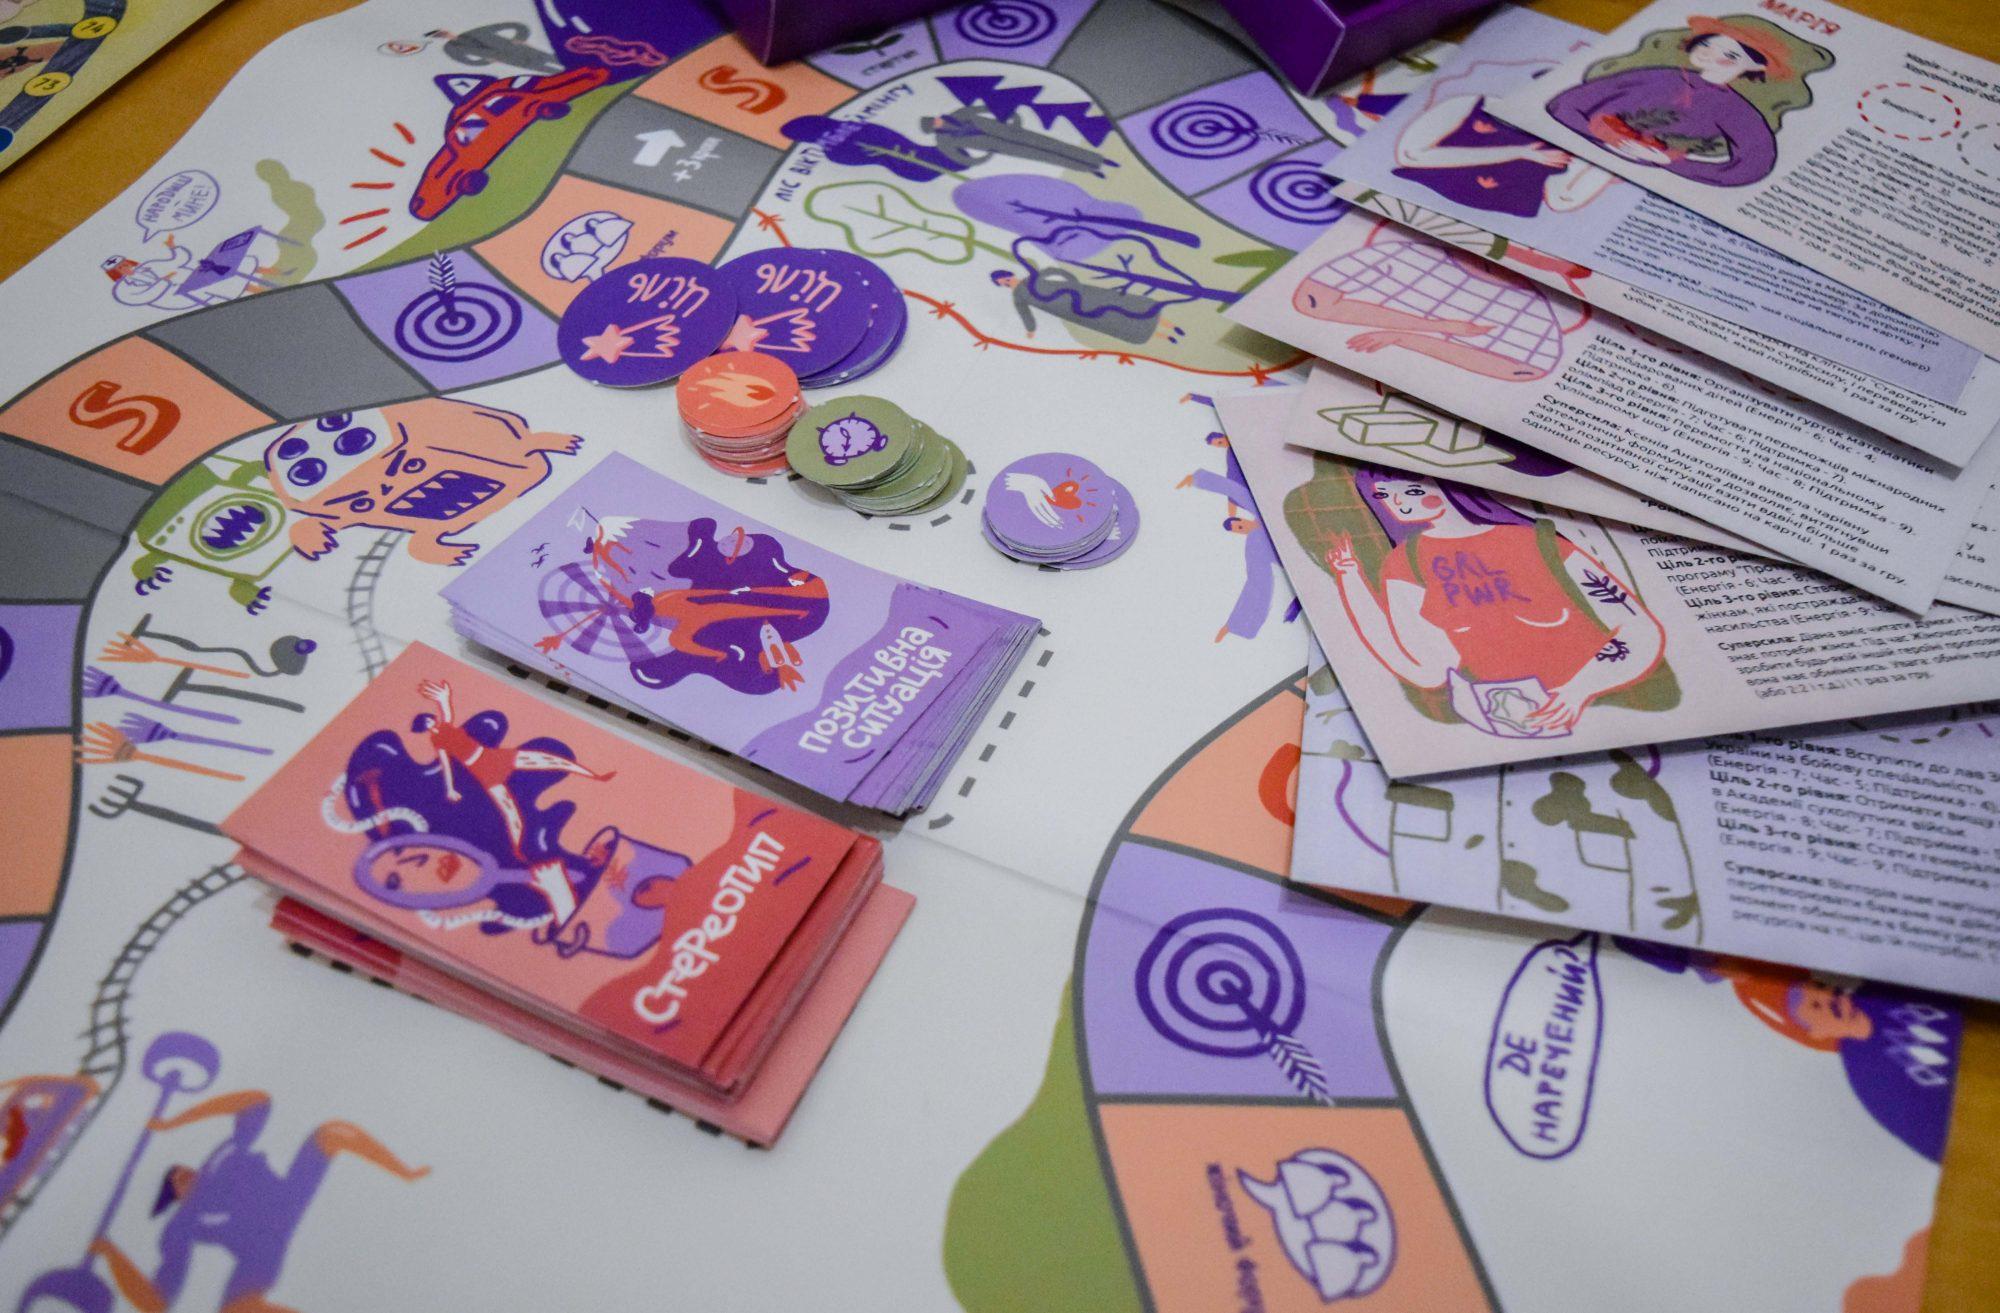 «Переселенська блуканина» и «Бути жінкою»: как создают социальные настольные игры в Украине